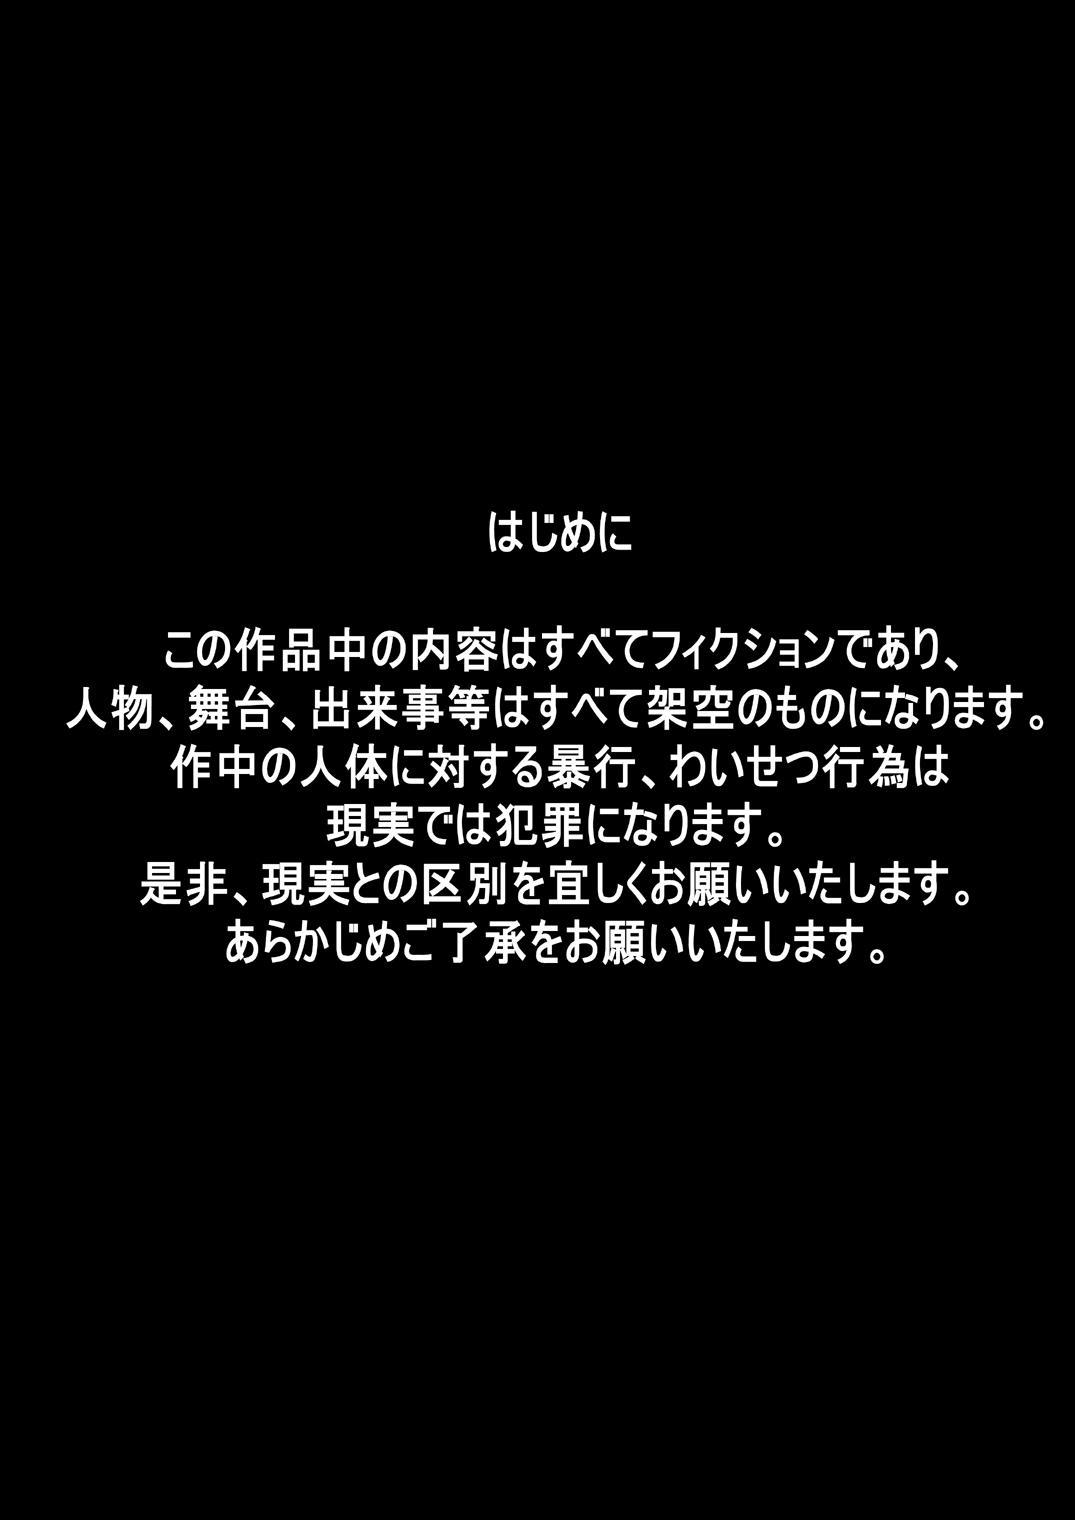 [Dende] Fushigi Sekai -Mystery World- Nonoha 5 ~Jokuma no Kyouniku no Tainai Shinshoku~ 5